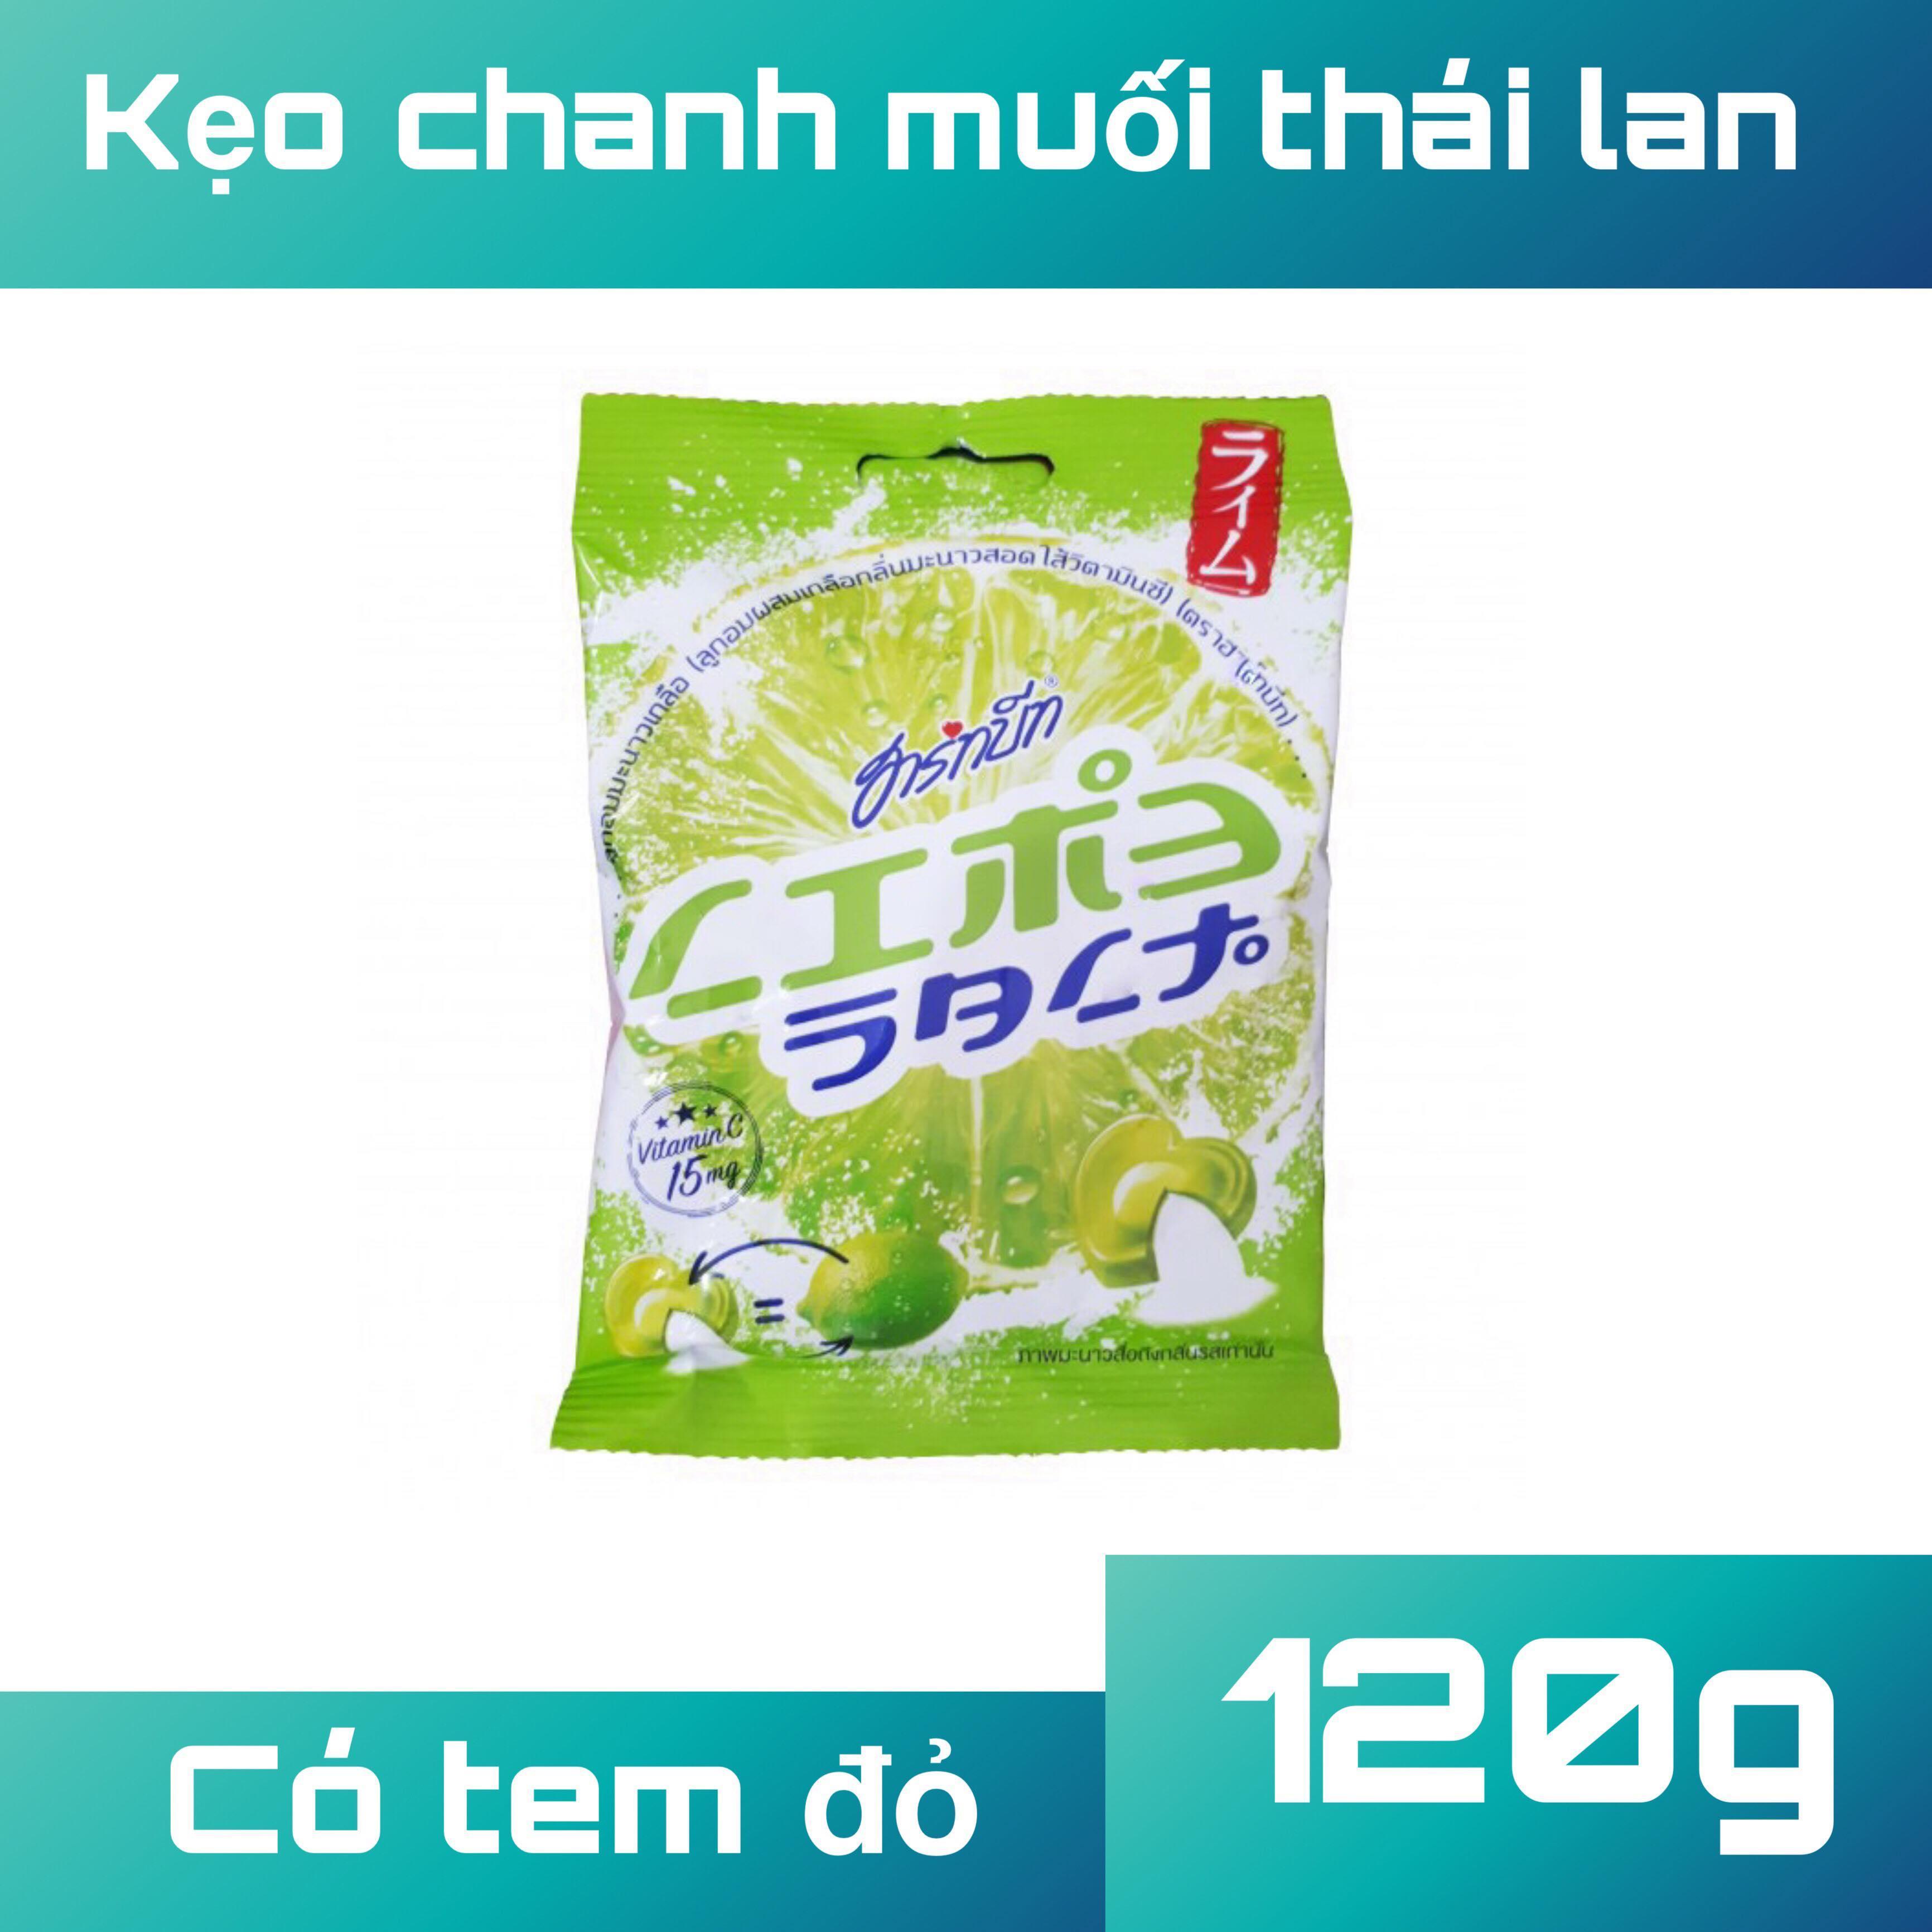 Kẹo chanh muối thái lan túi 120g